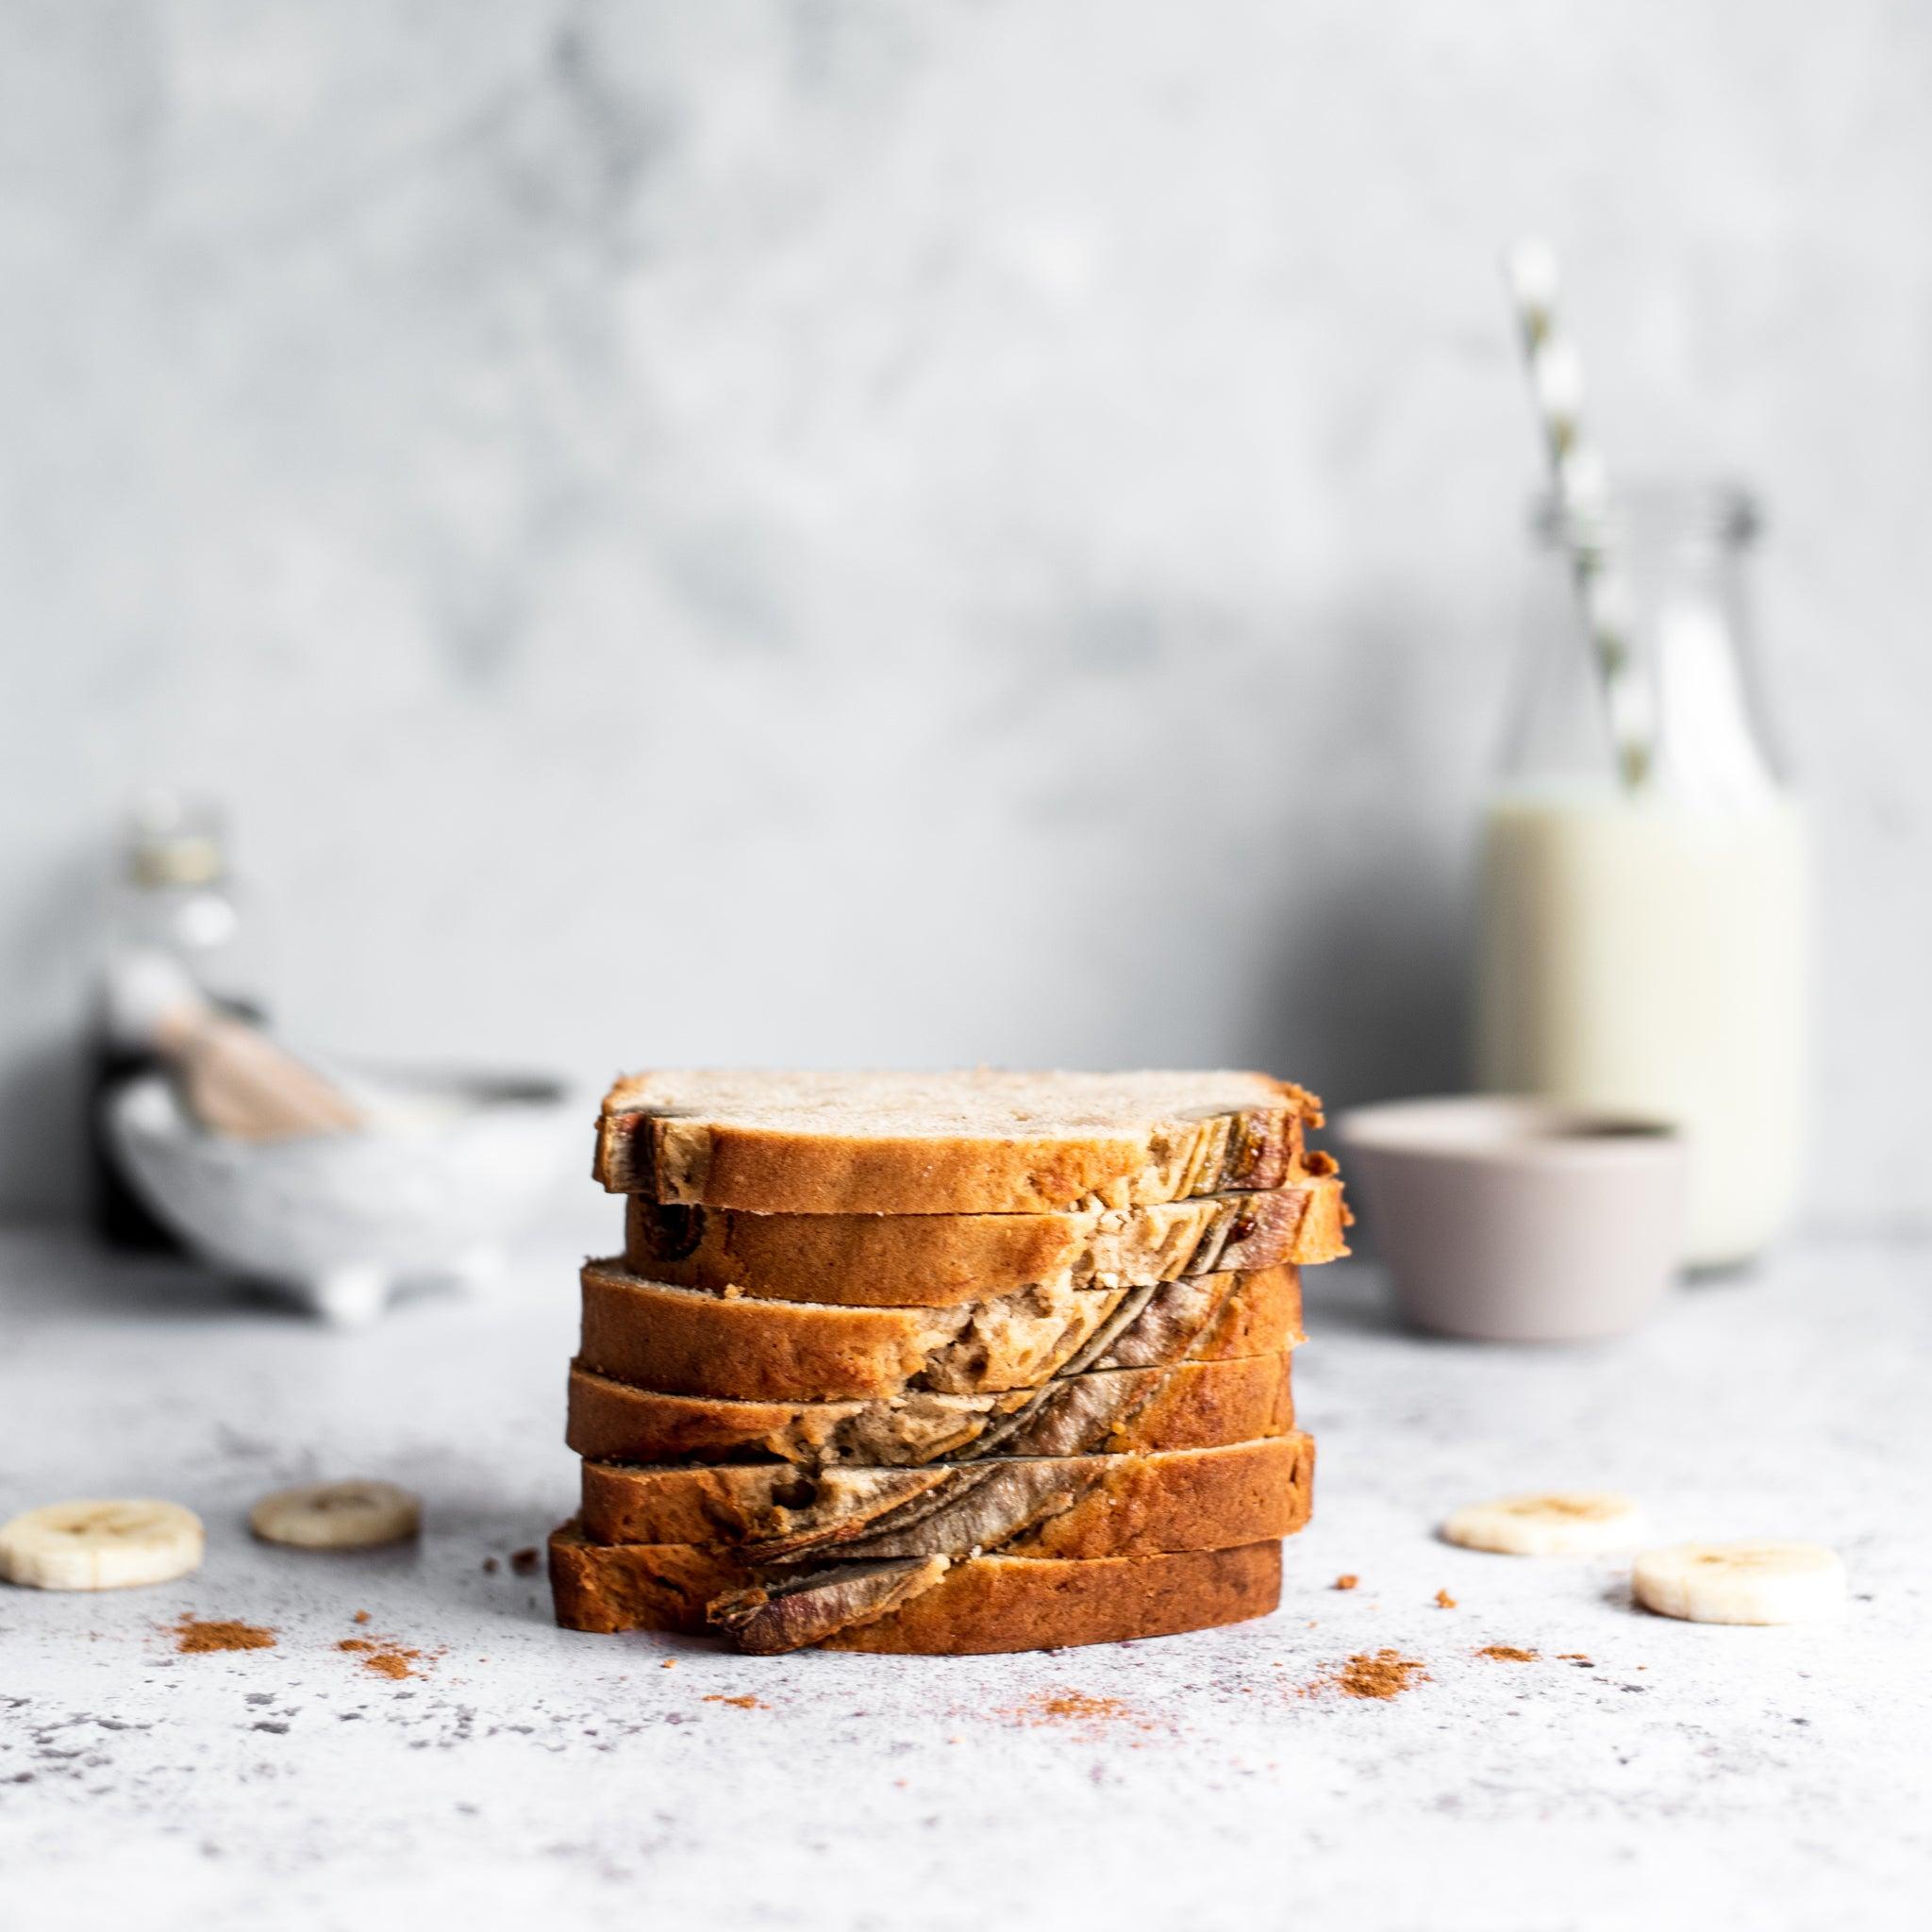 Banana-Bread-SQUARE-7.jpg